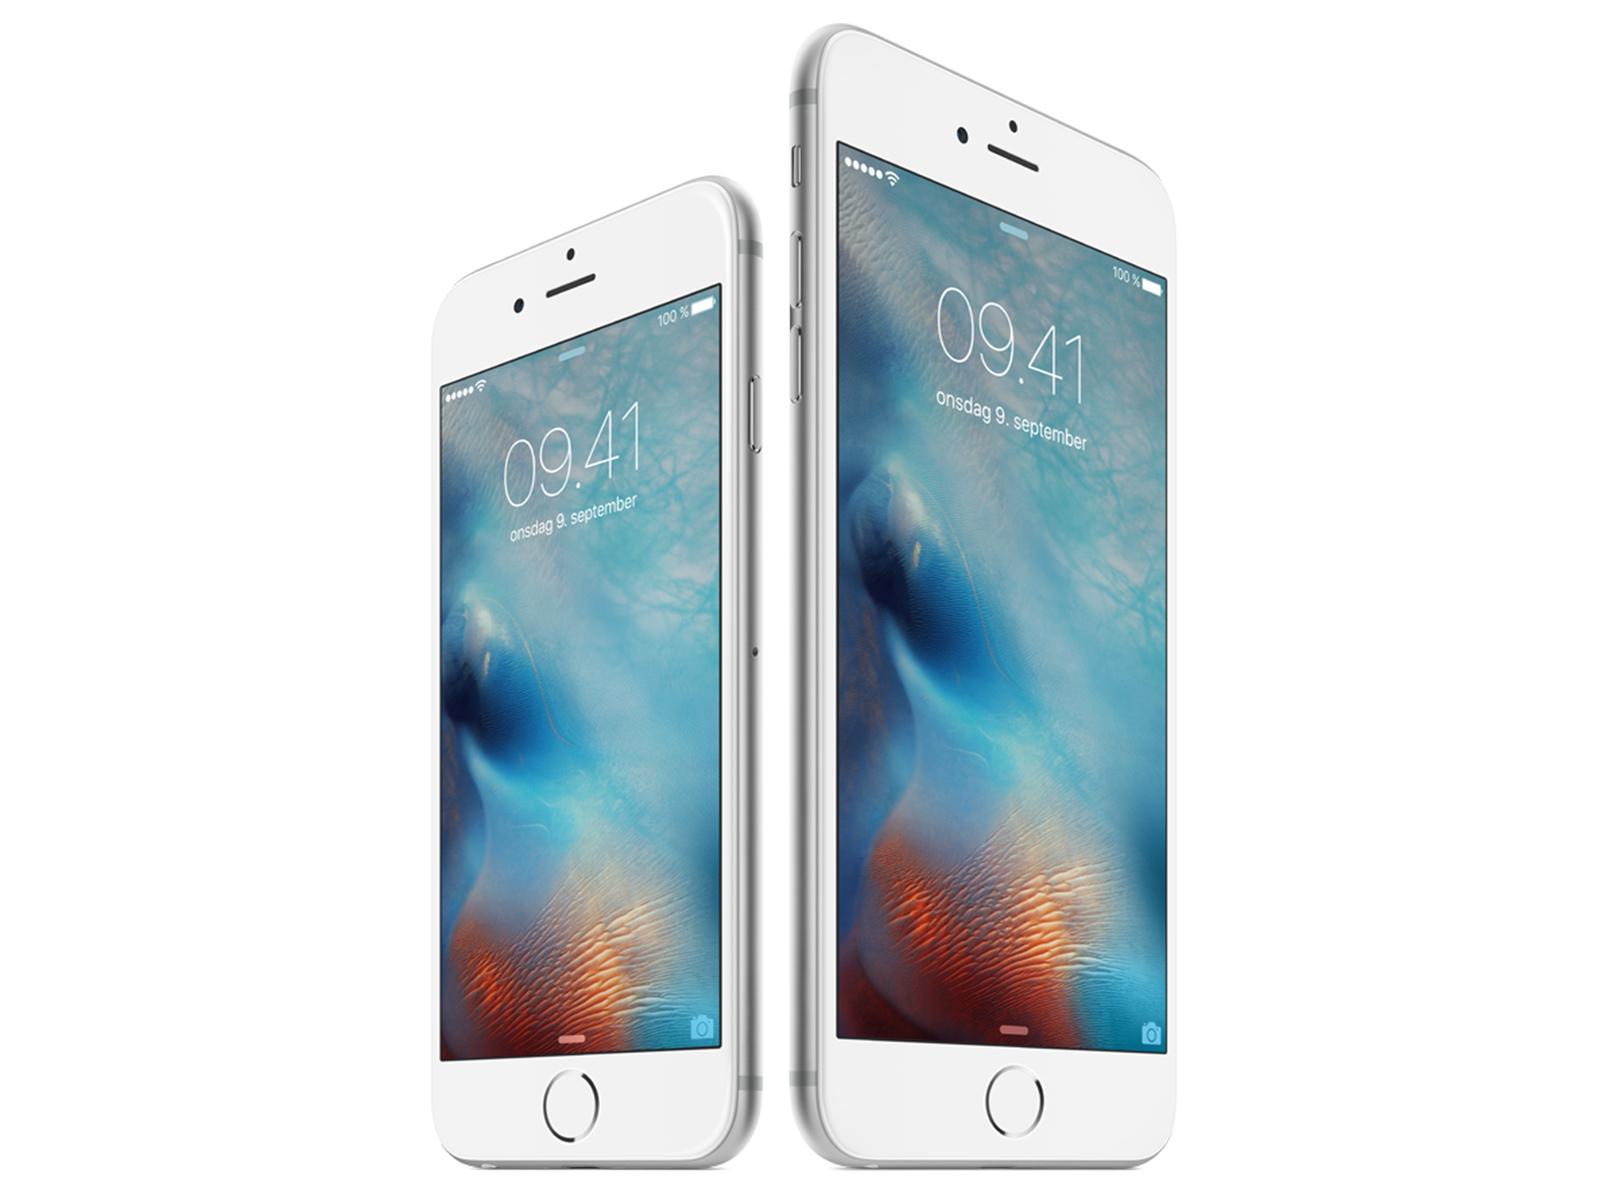 3's kunder indbytter iPhones i massevis